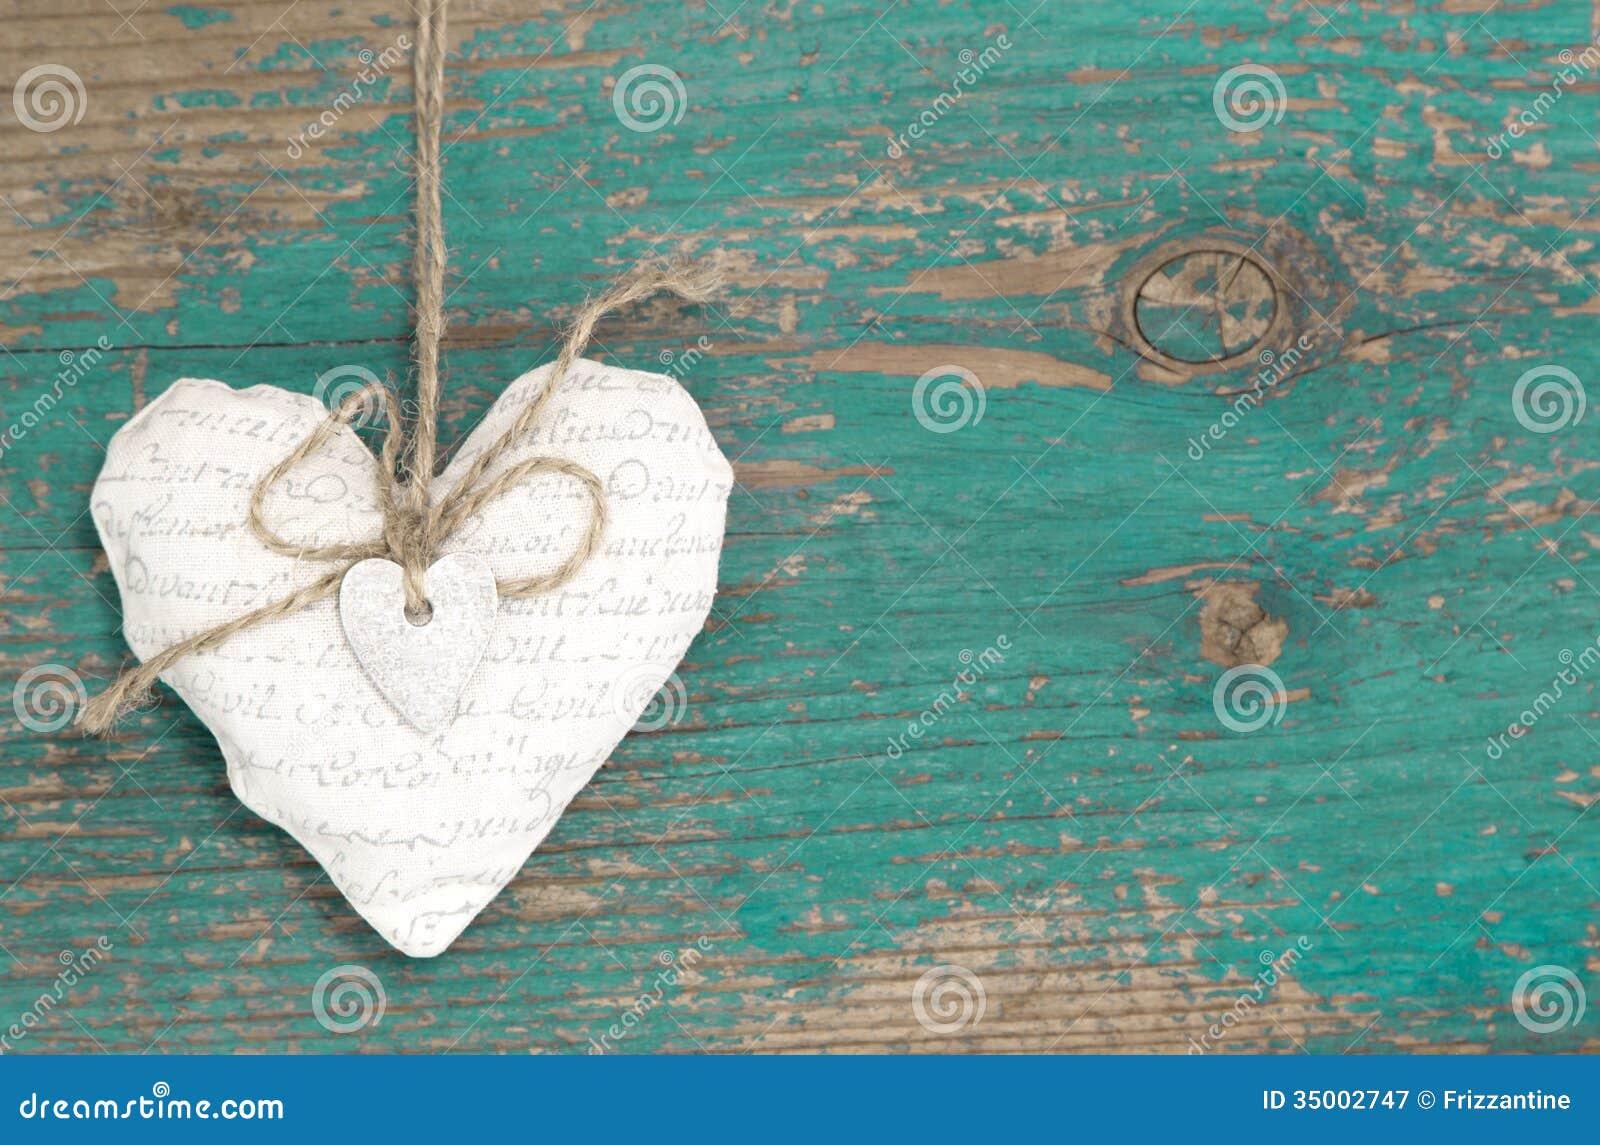 Coração de suspensão e fundo de madeira de turquesa no estilo country.